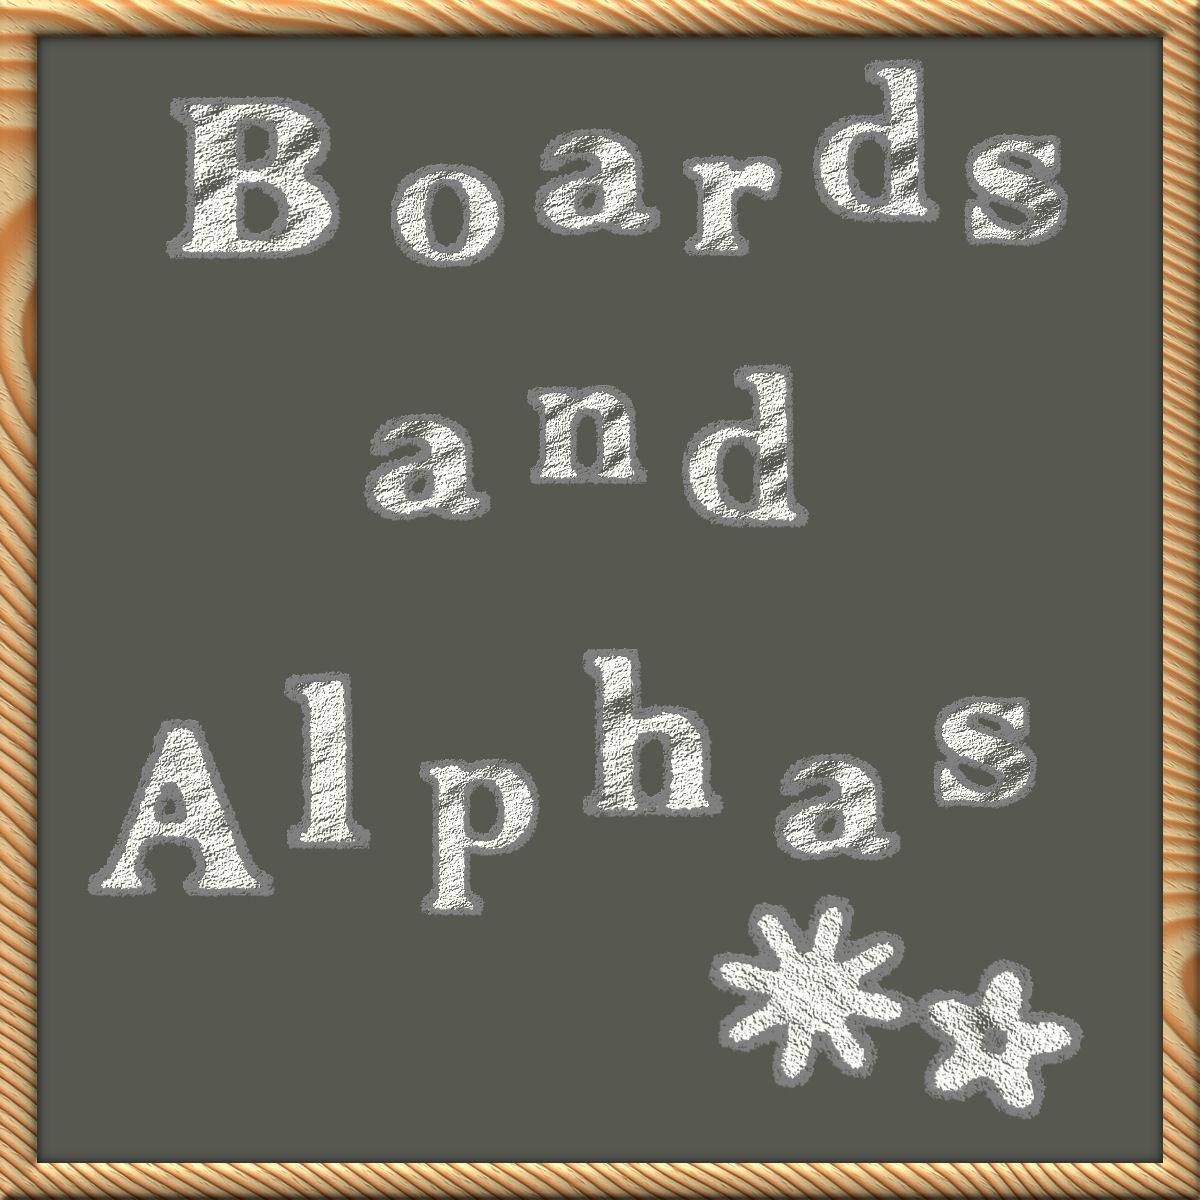 Bizee Chalky Alpha-n-Chalkboards by Bizee1